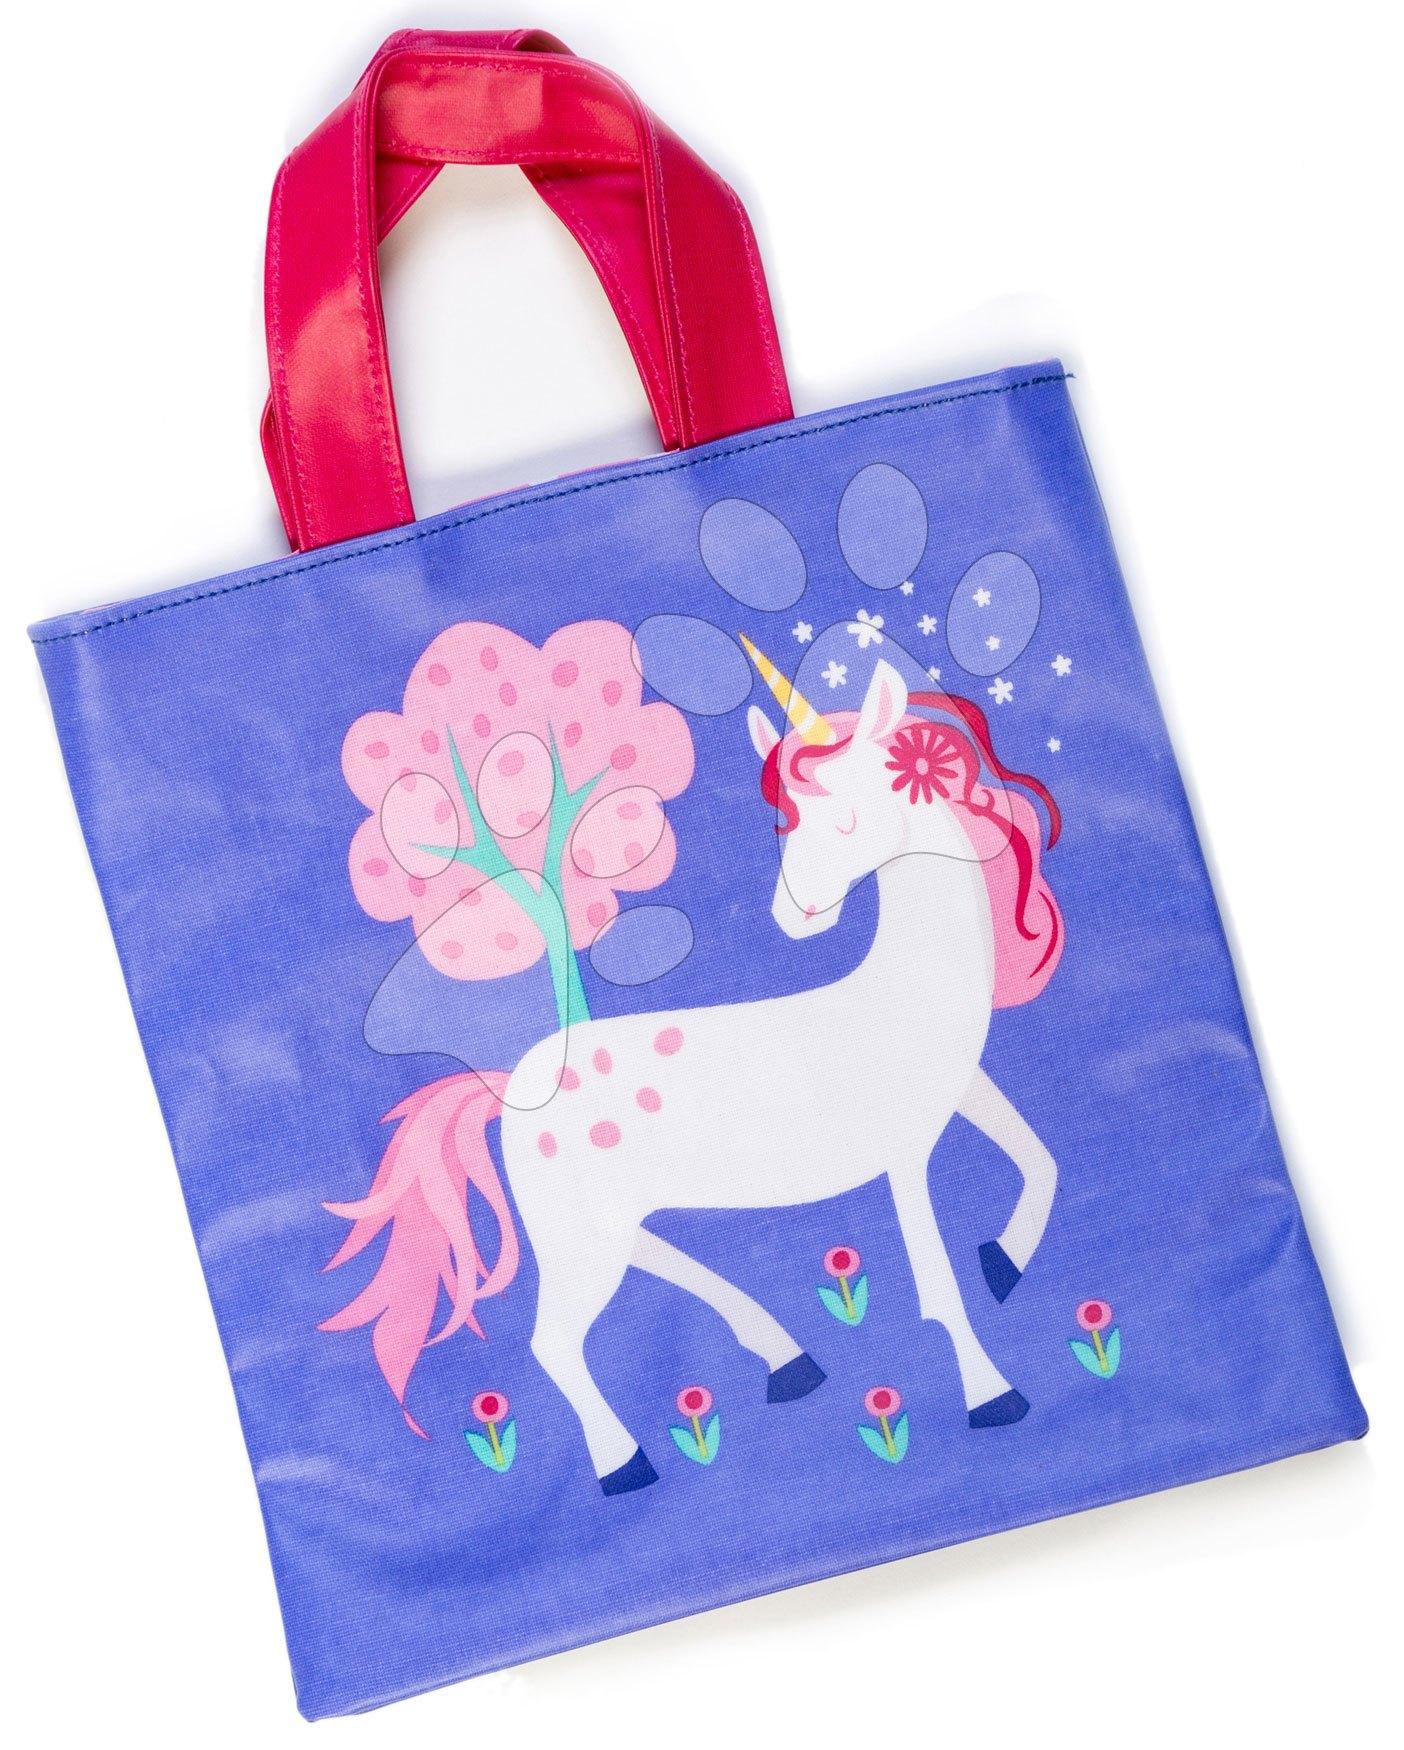 Plátená taška jednorožec Lulu L'Unicorn Mini Tote Bag ThreadBear od 3-6 rokov